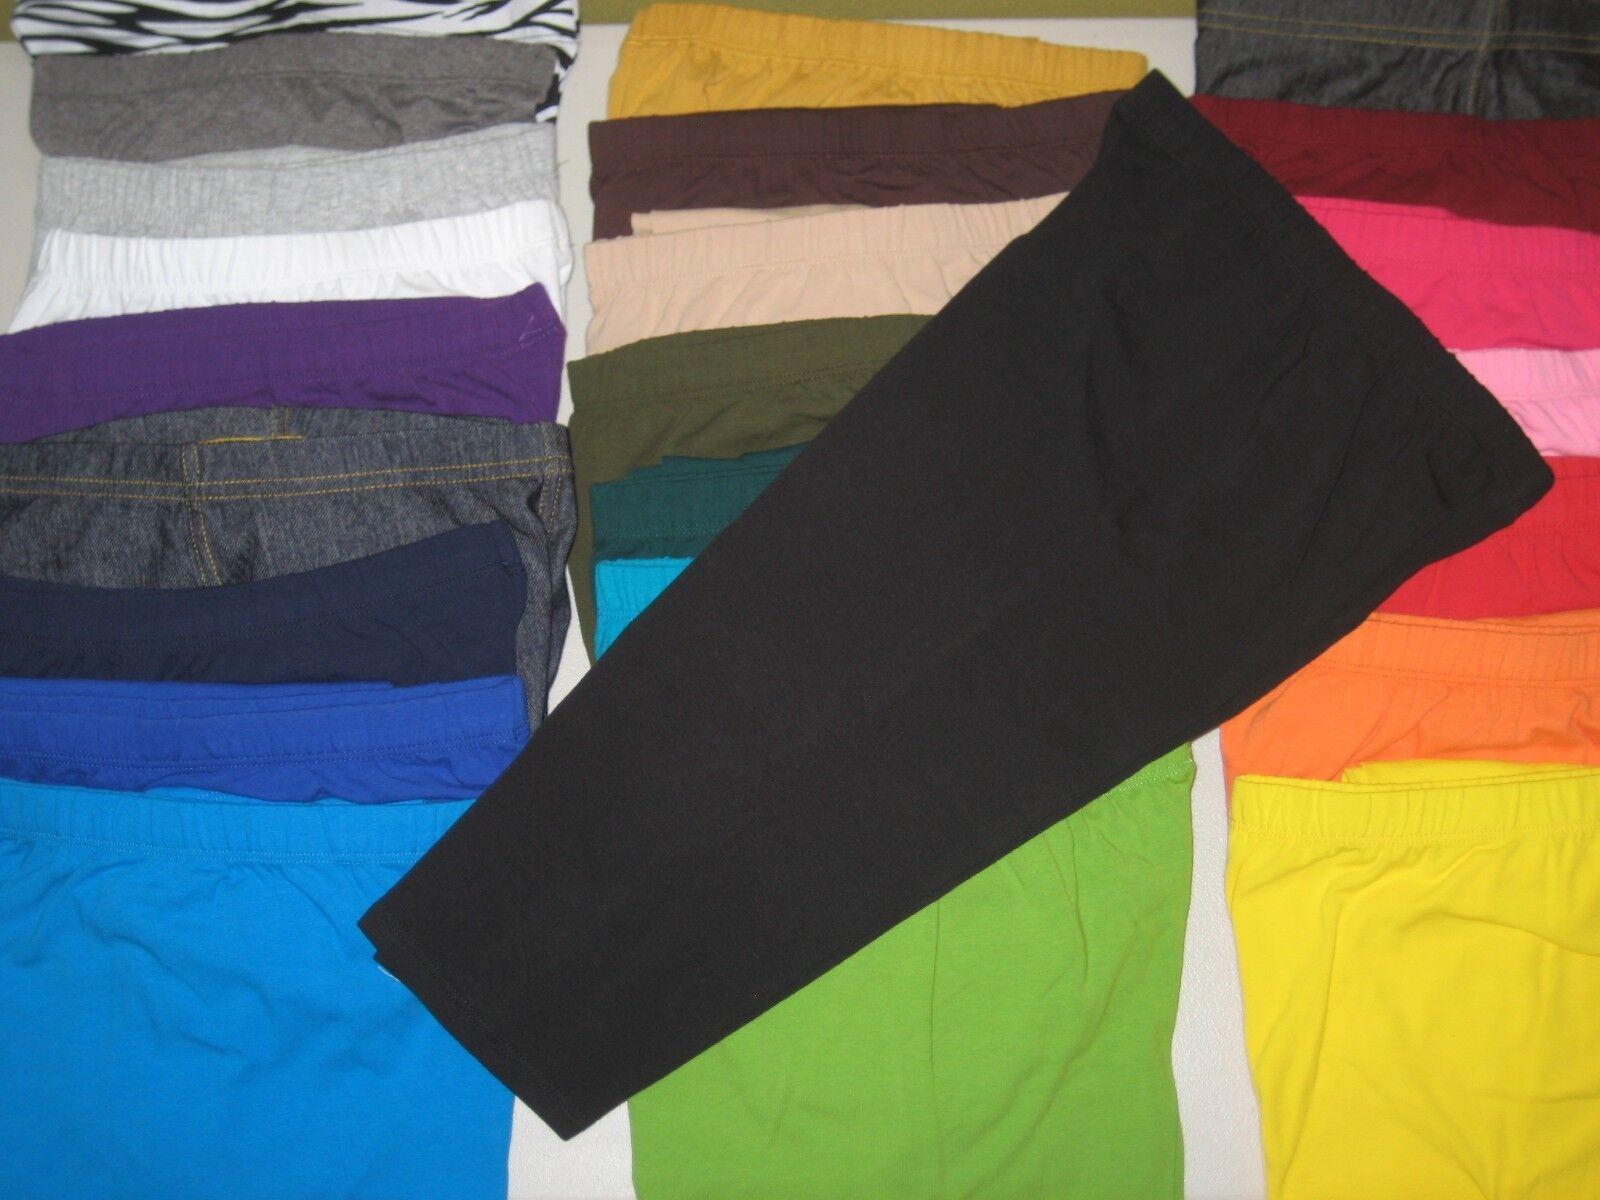 Cotton Spandex Capri Length Leggings Pants Misses Women's Pl